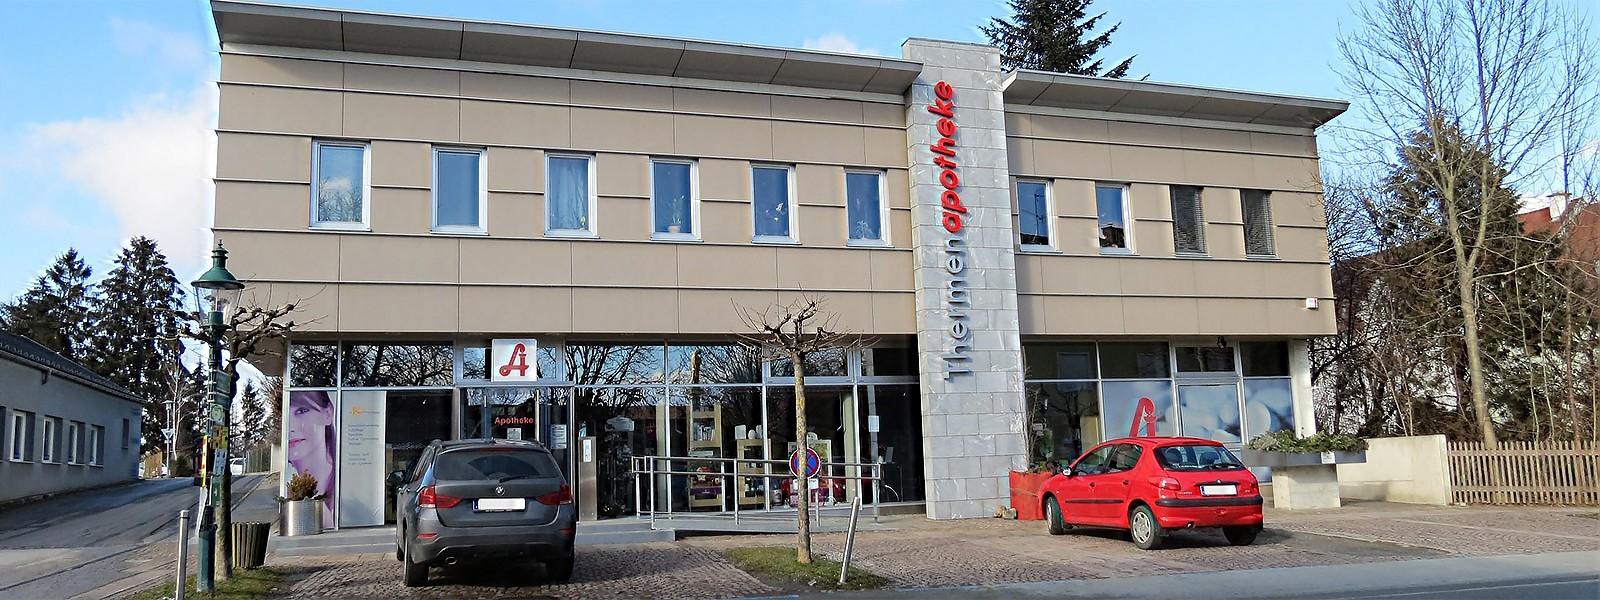 Thermen Apotheke Mag Andreas Hacker